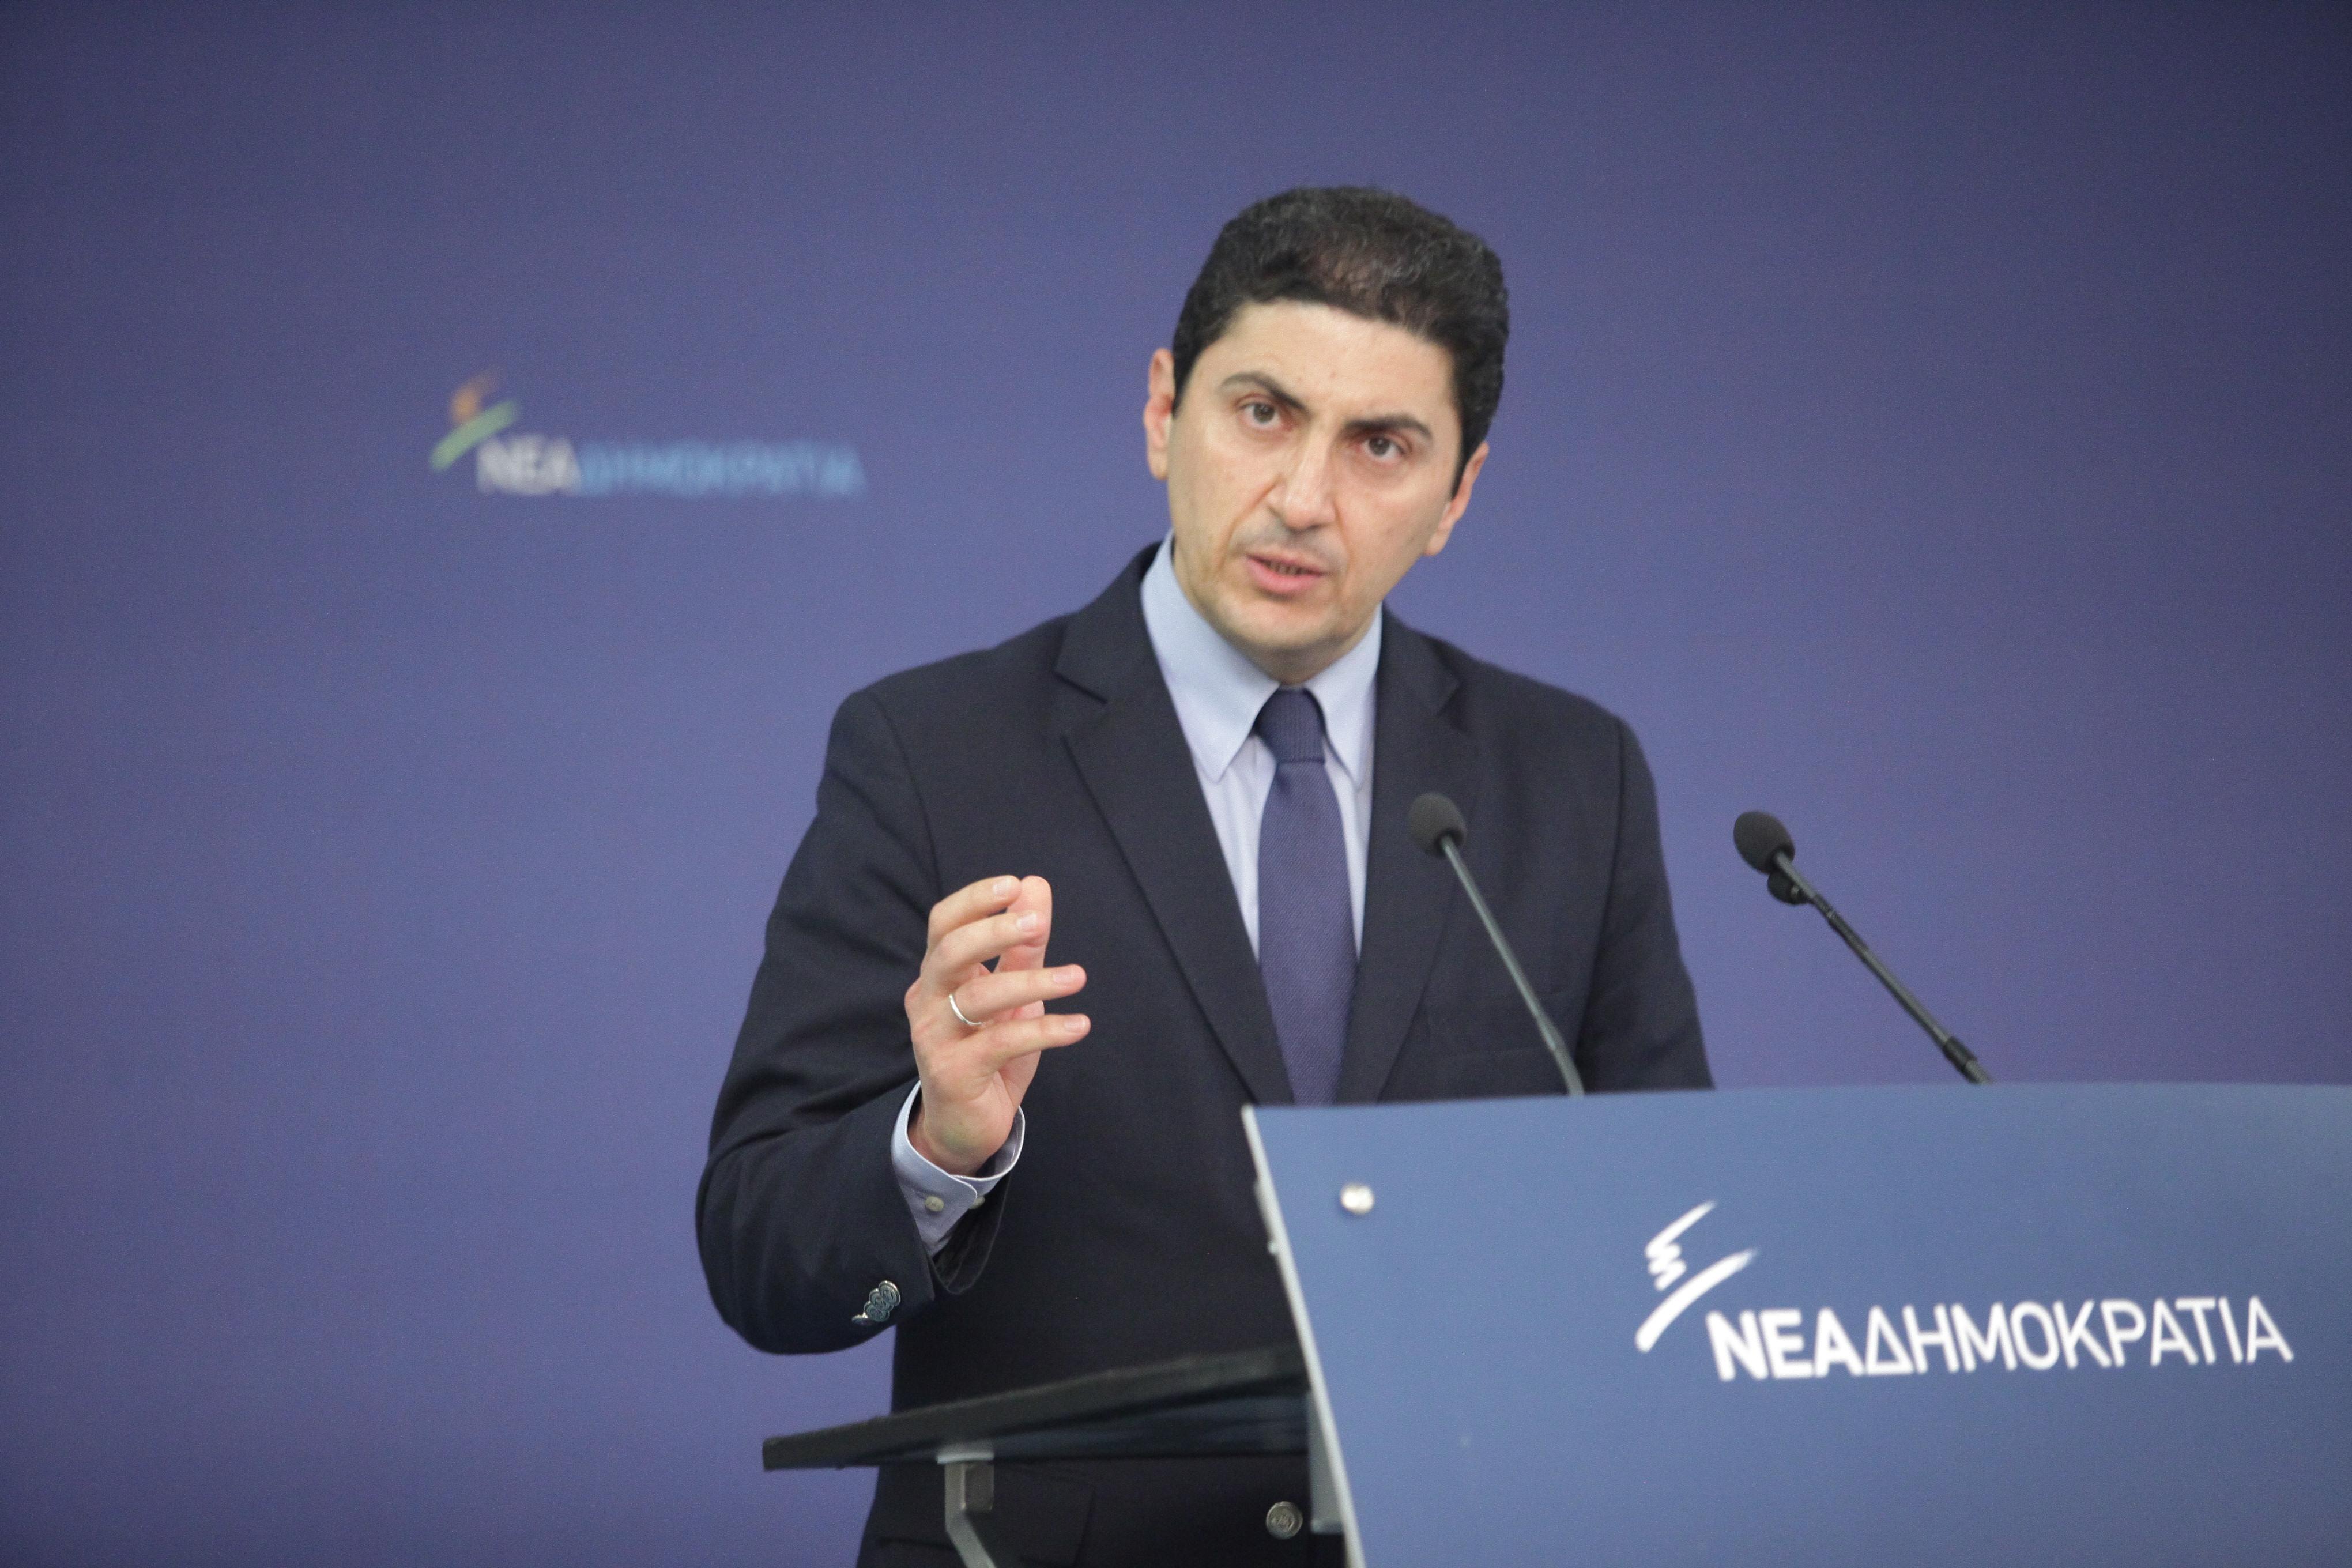 Αυγενάκης: Η κυβέρνηση συνεχίζει να διορίζει ημετέρους   tovima.gr